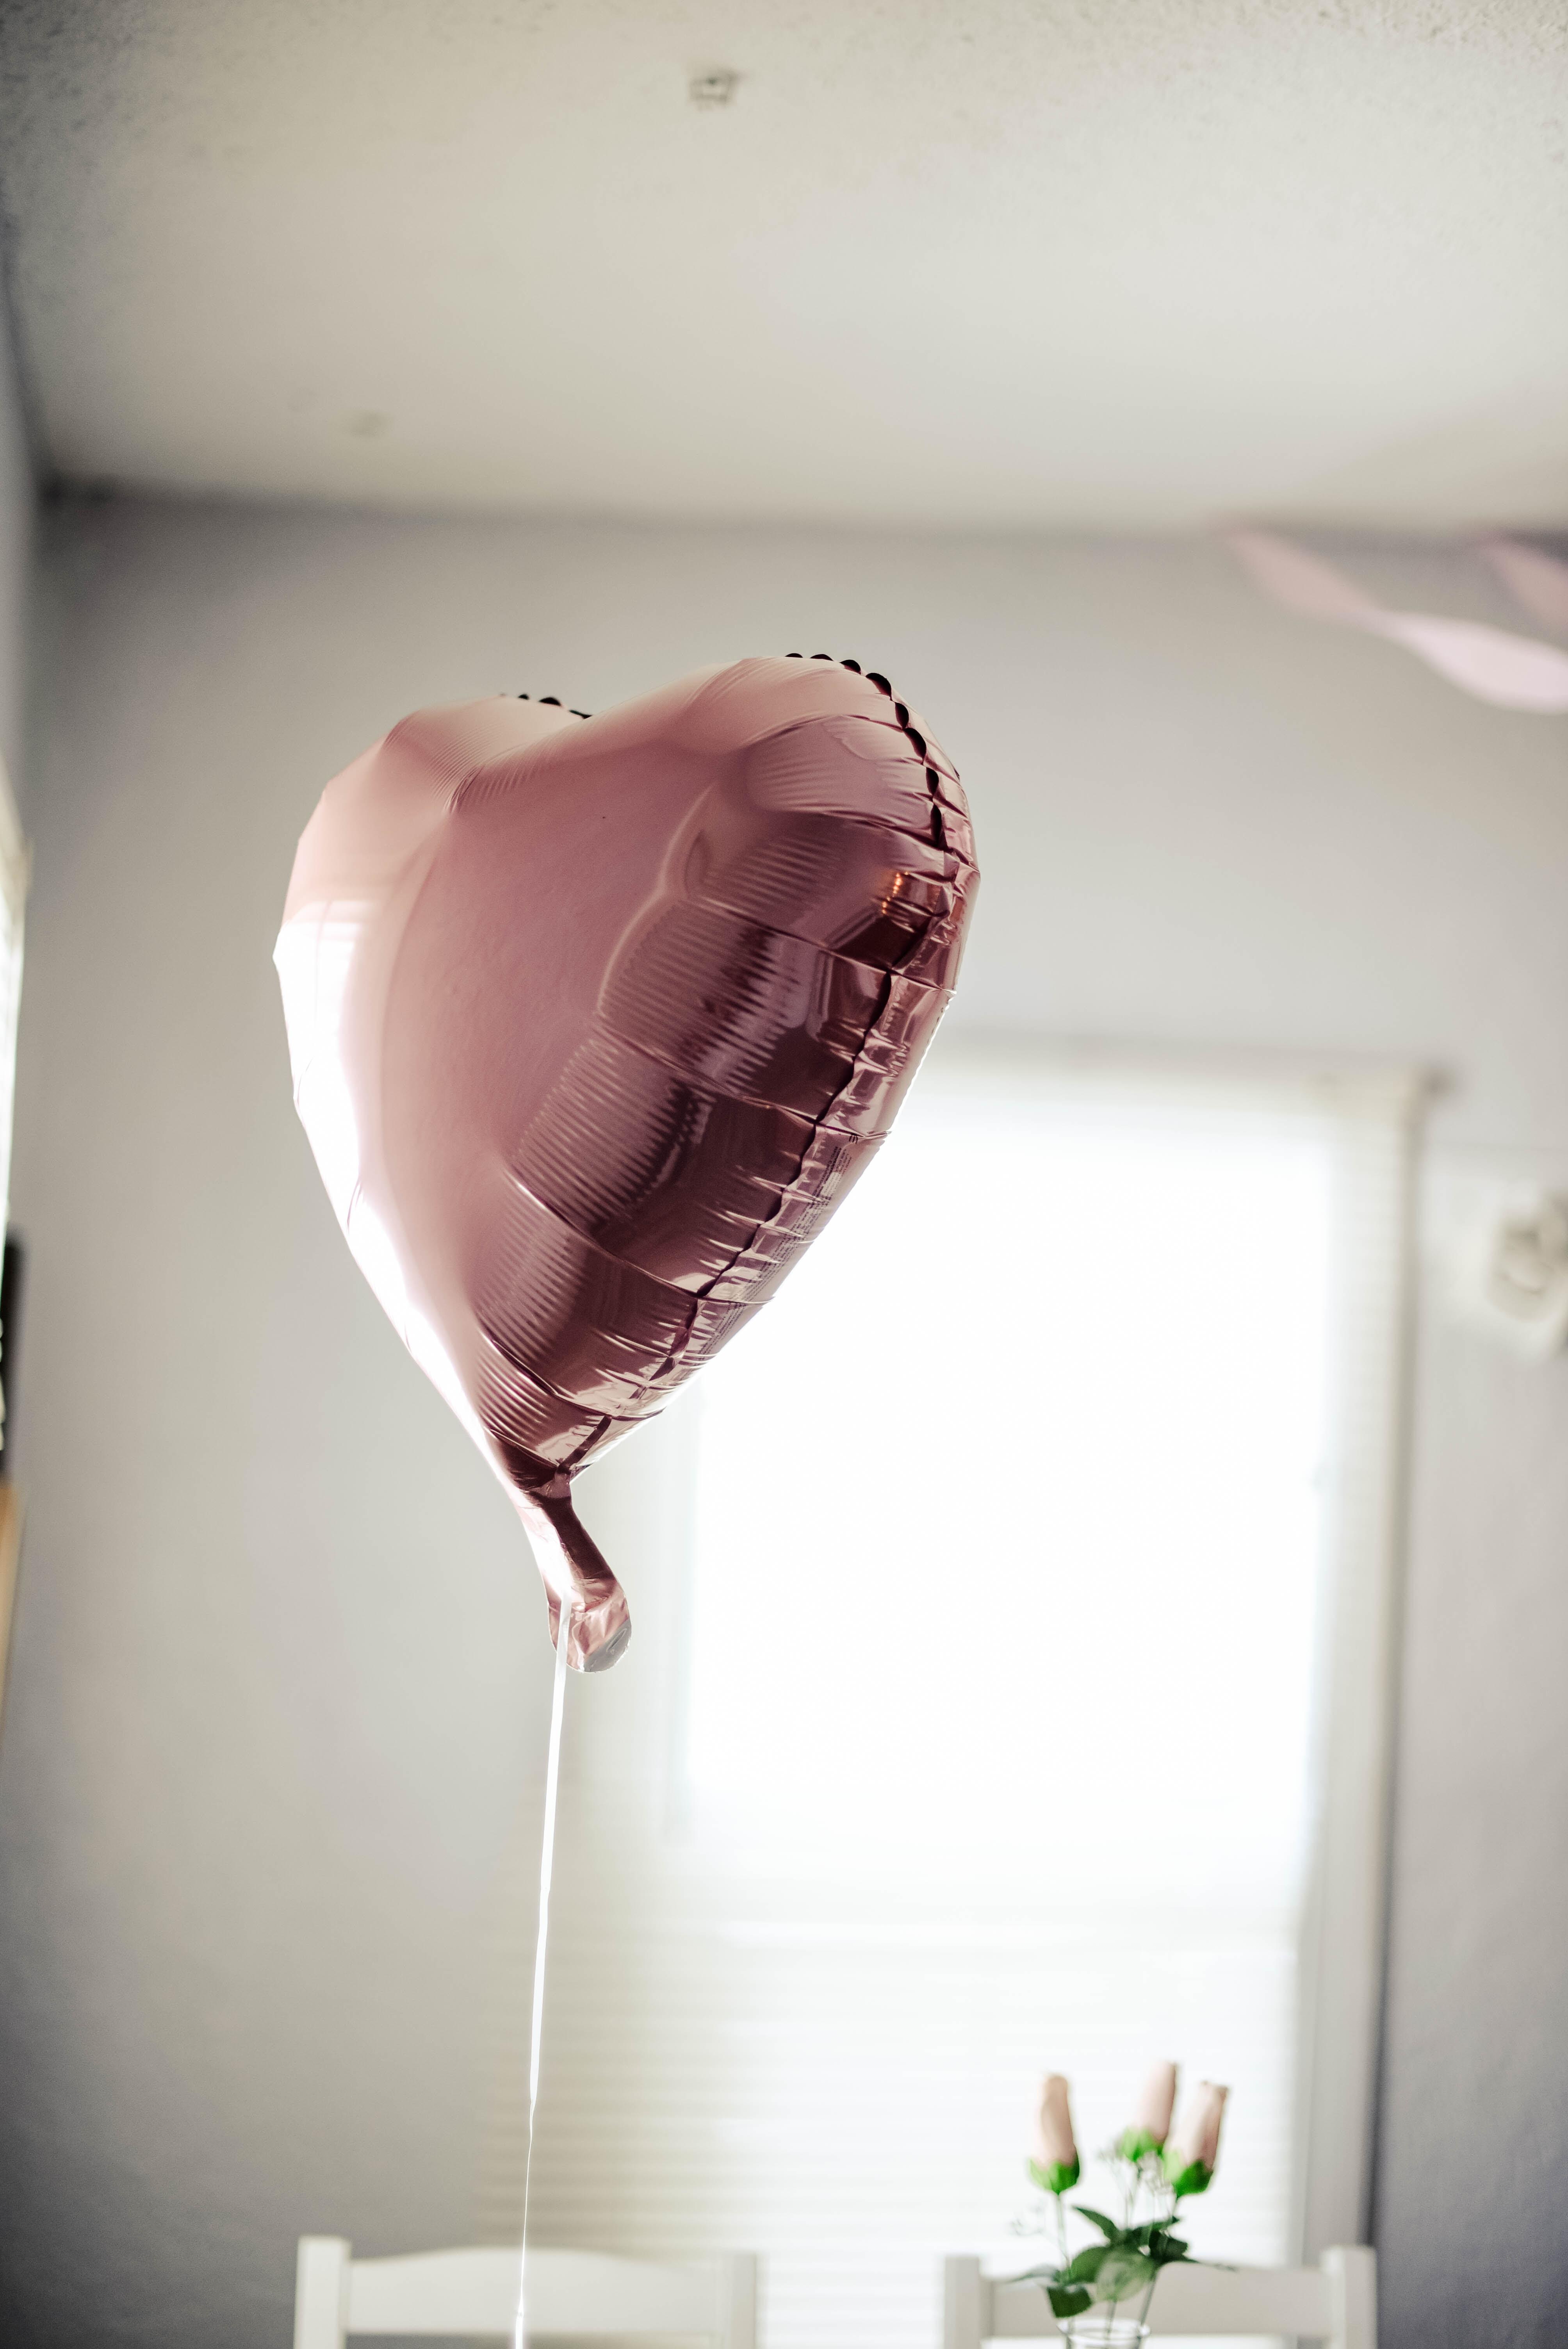 gray balloon on table